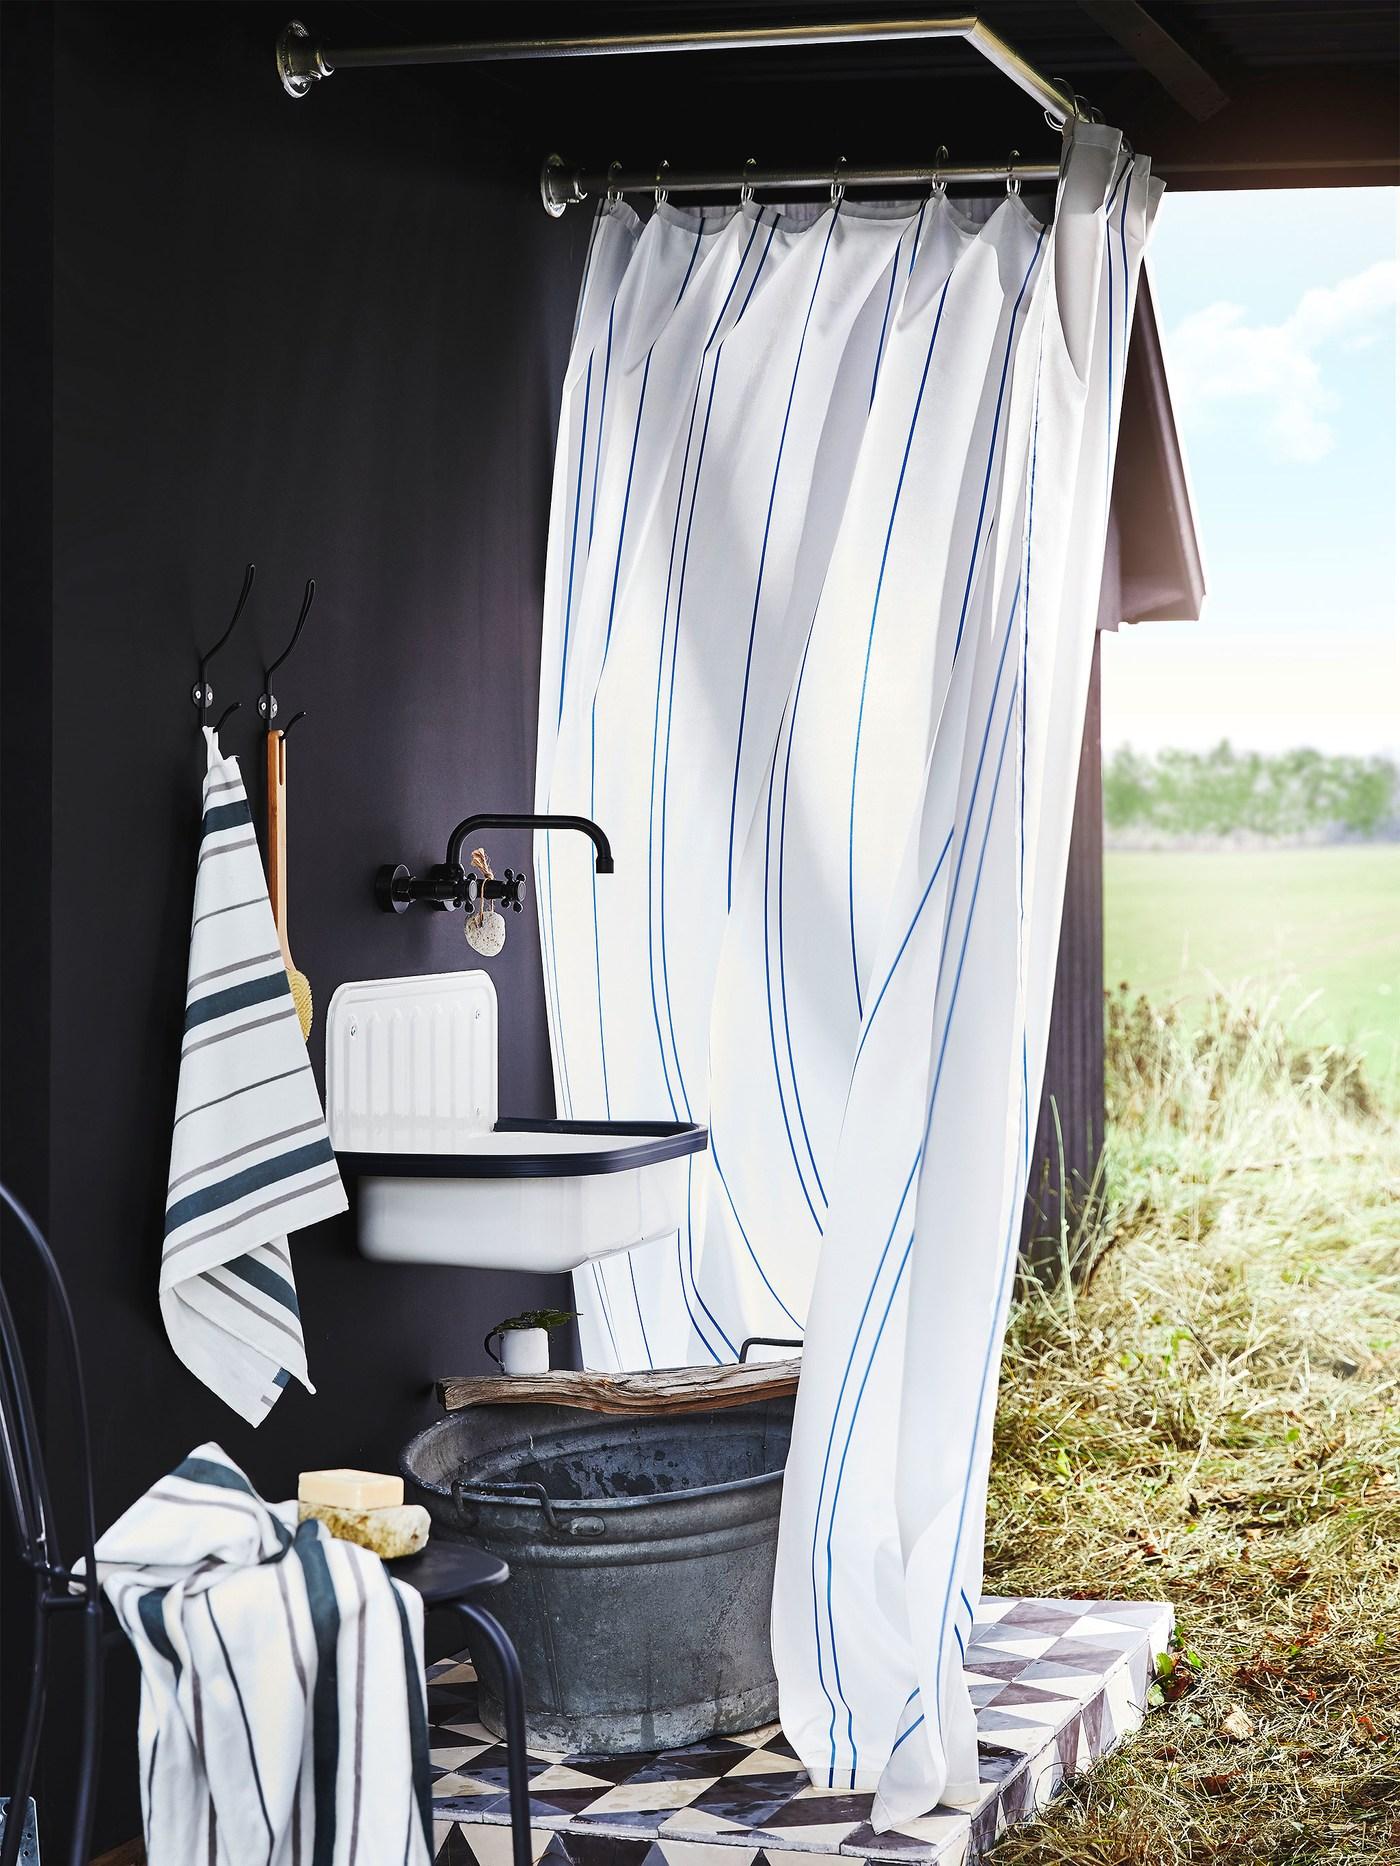 Ručníky OTTSJÖN a sprchový závěs s klasickým proužkovaným vzorem